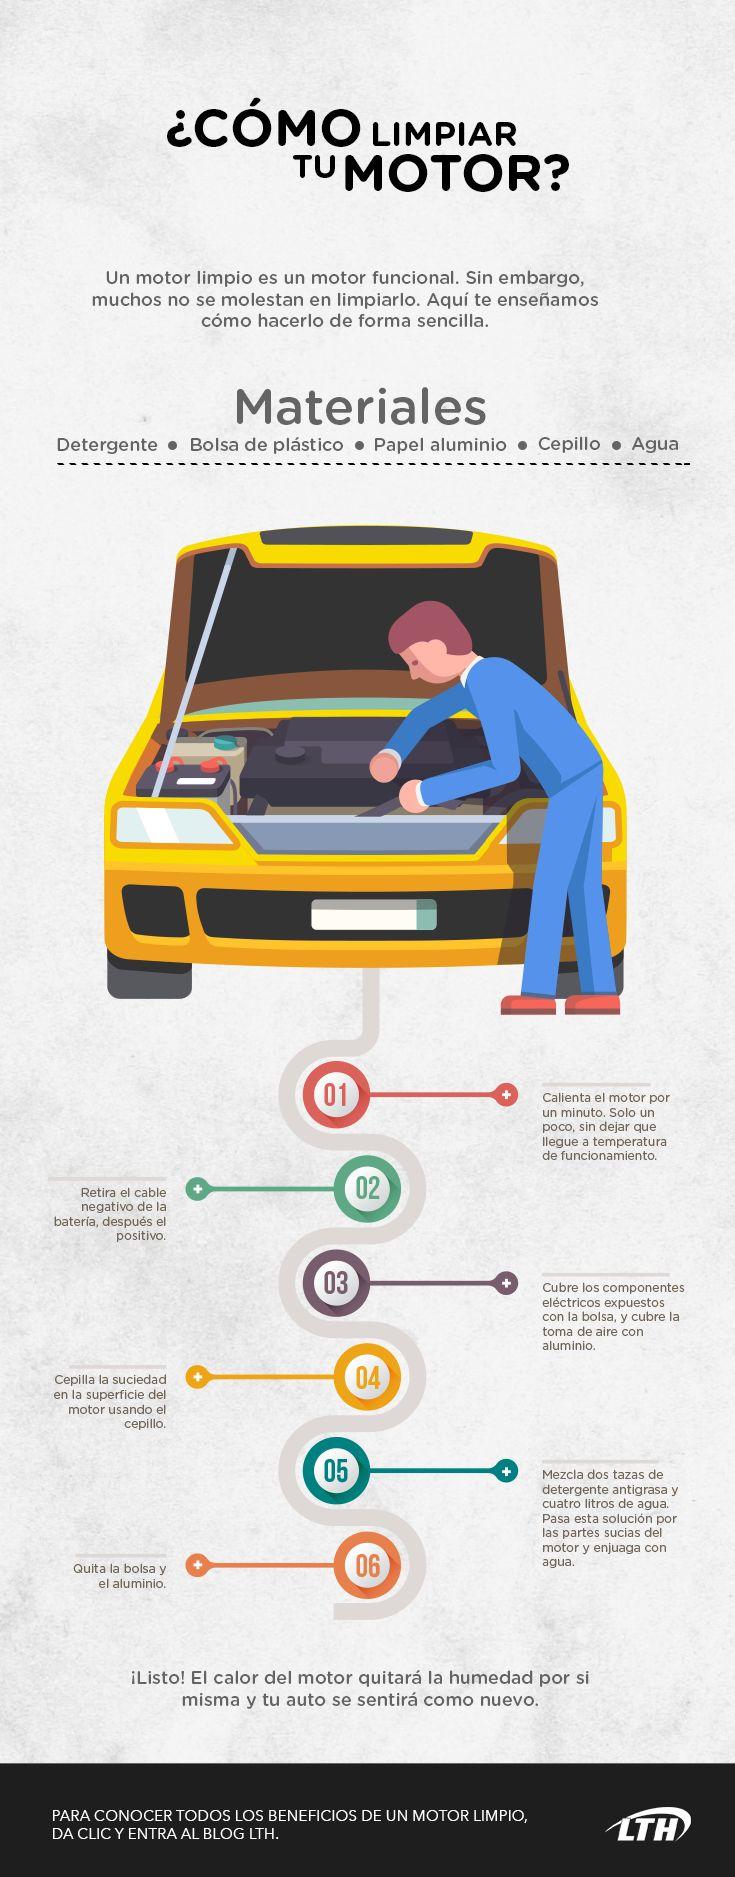 Las limpiezas frecuentes son básicas para mantener en buen estado tu auto